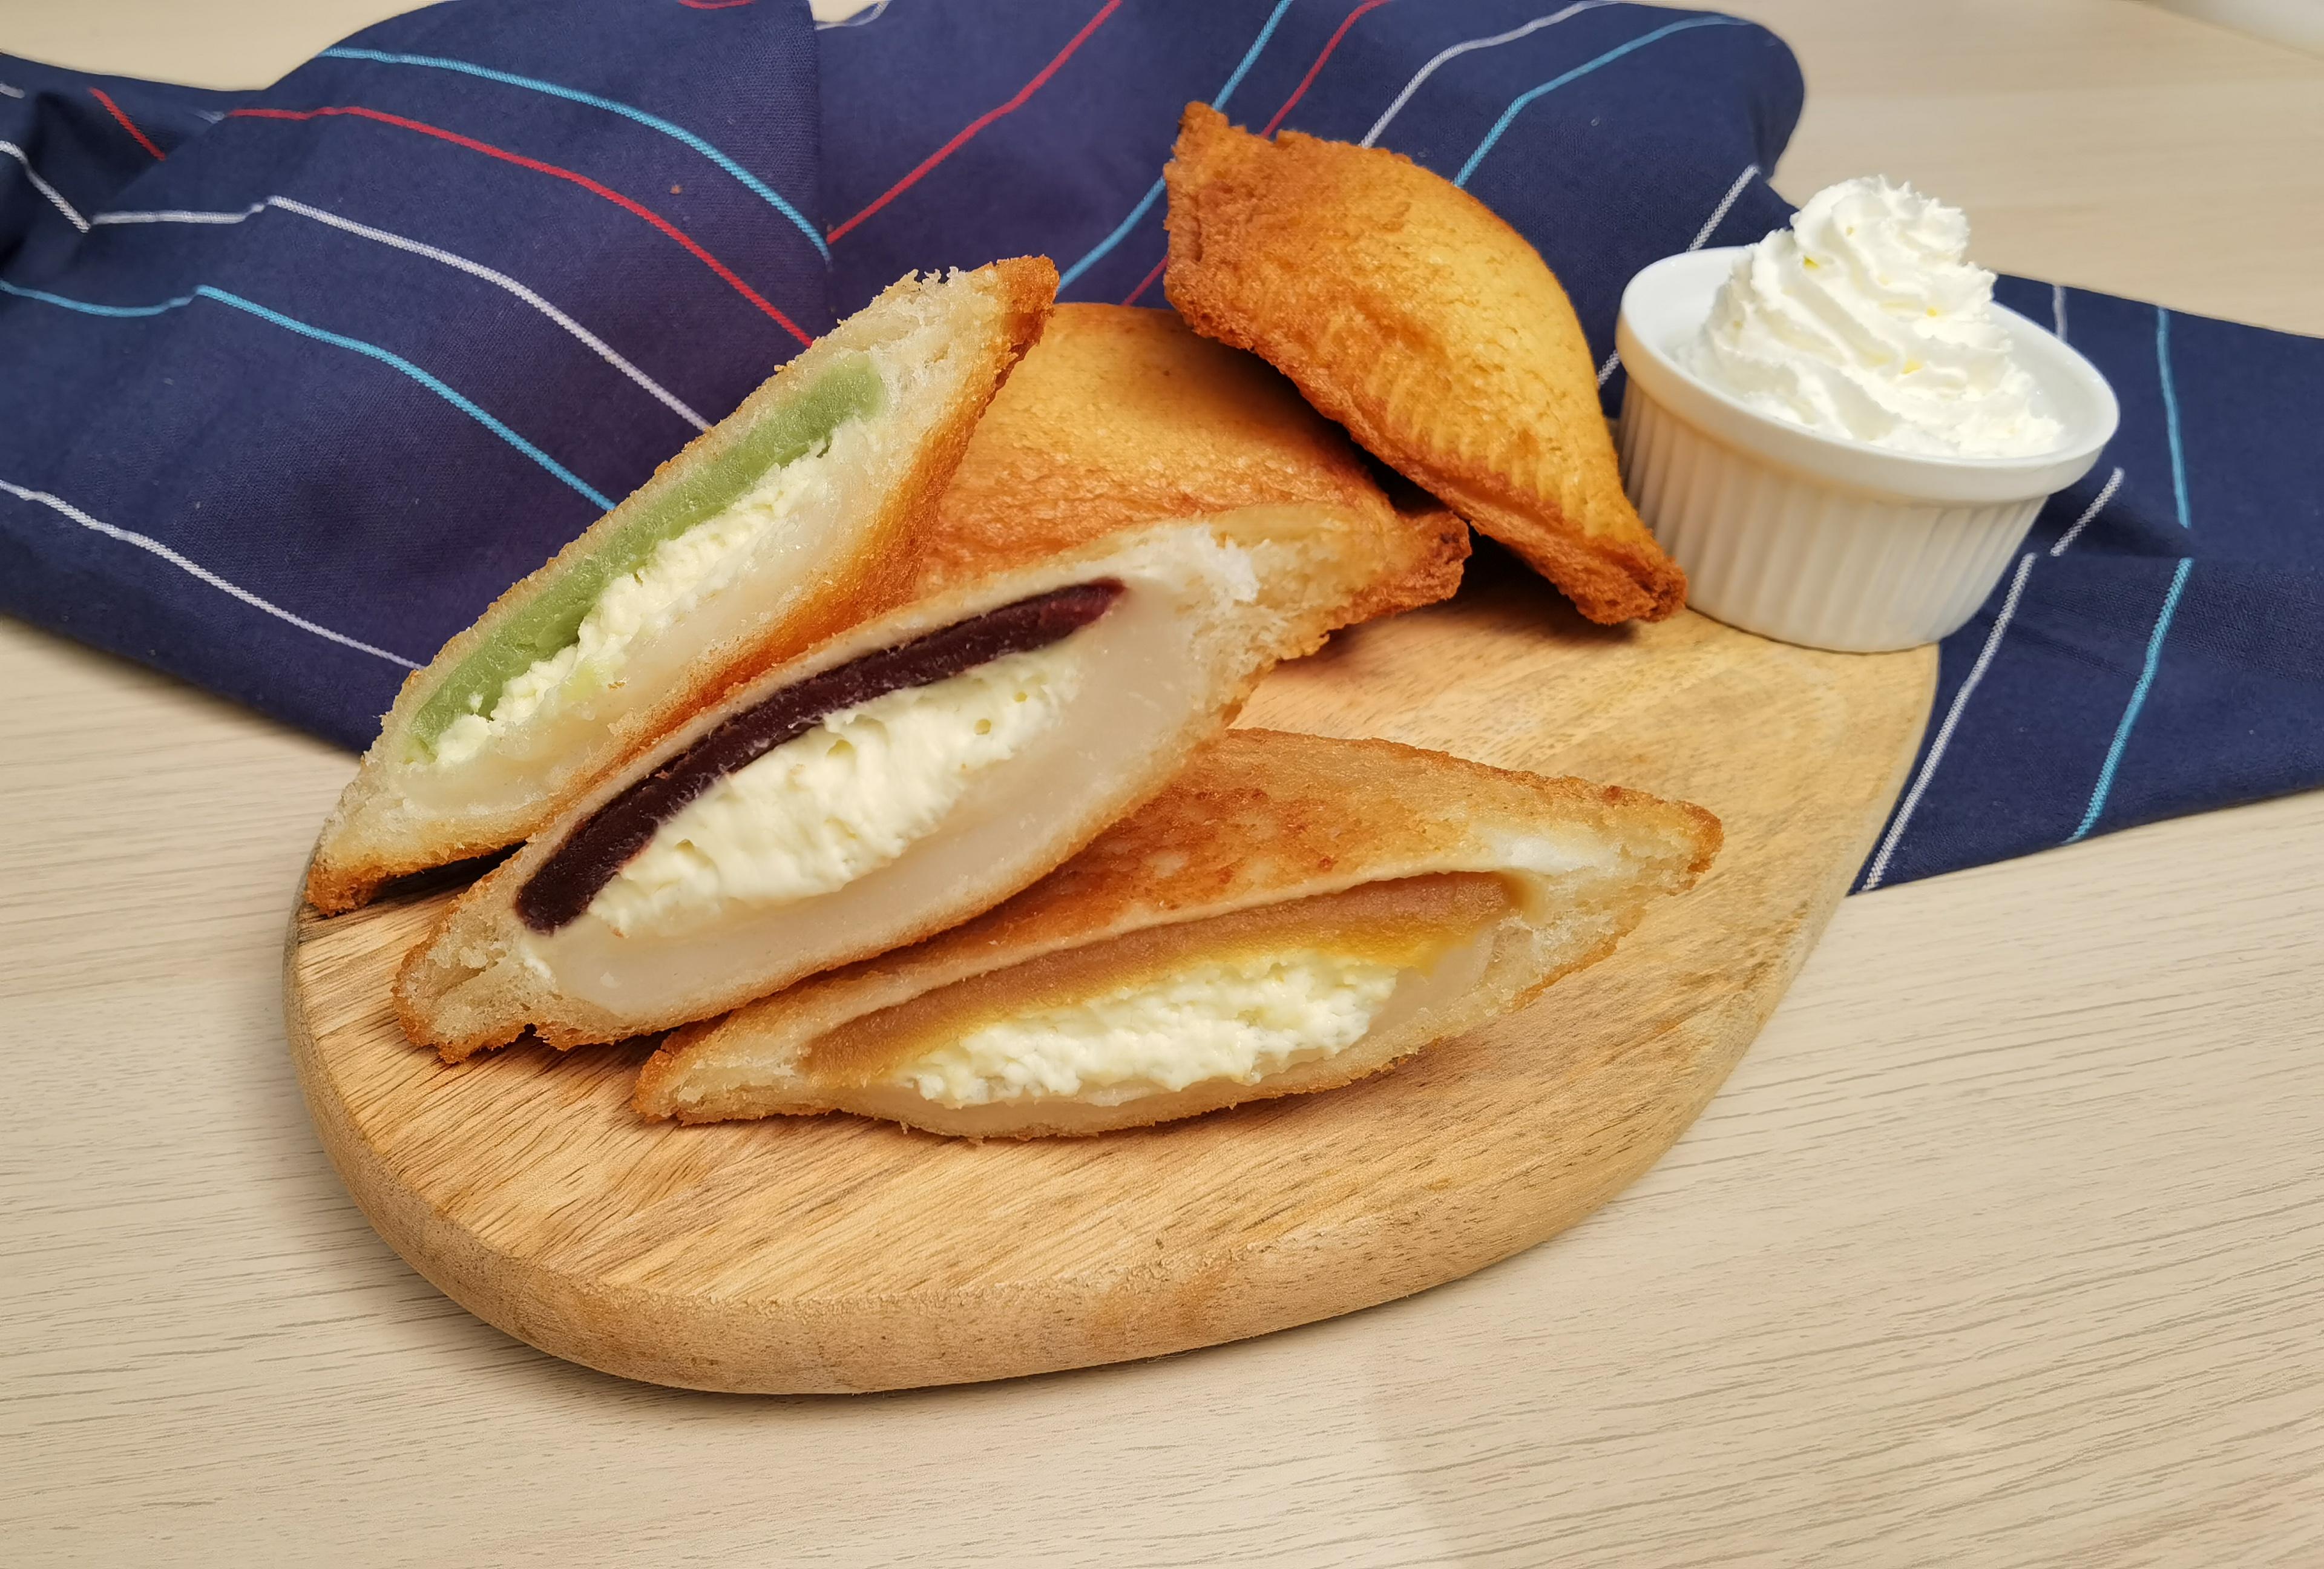 Fried Mochi Sandwich